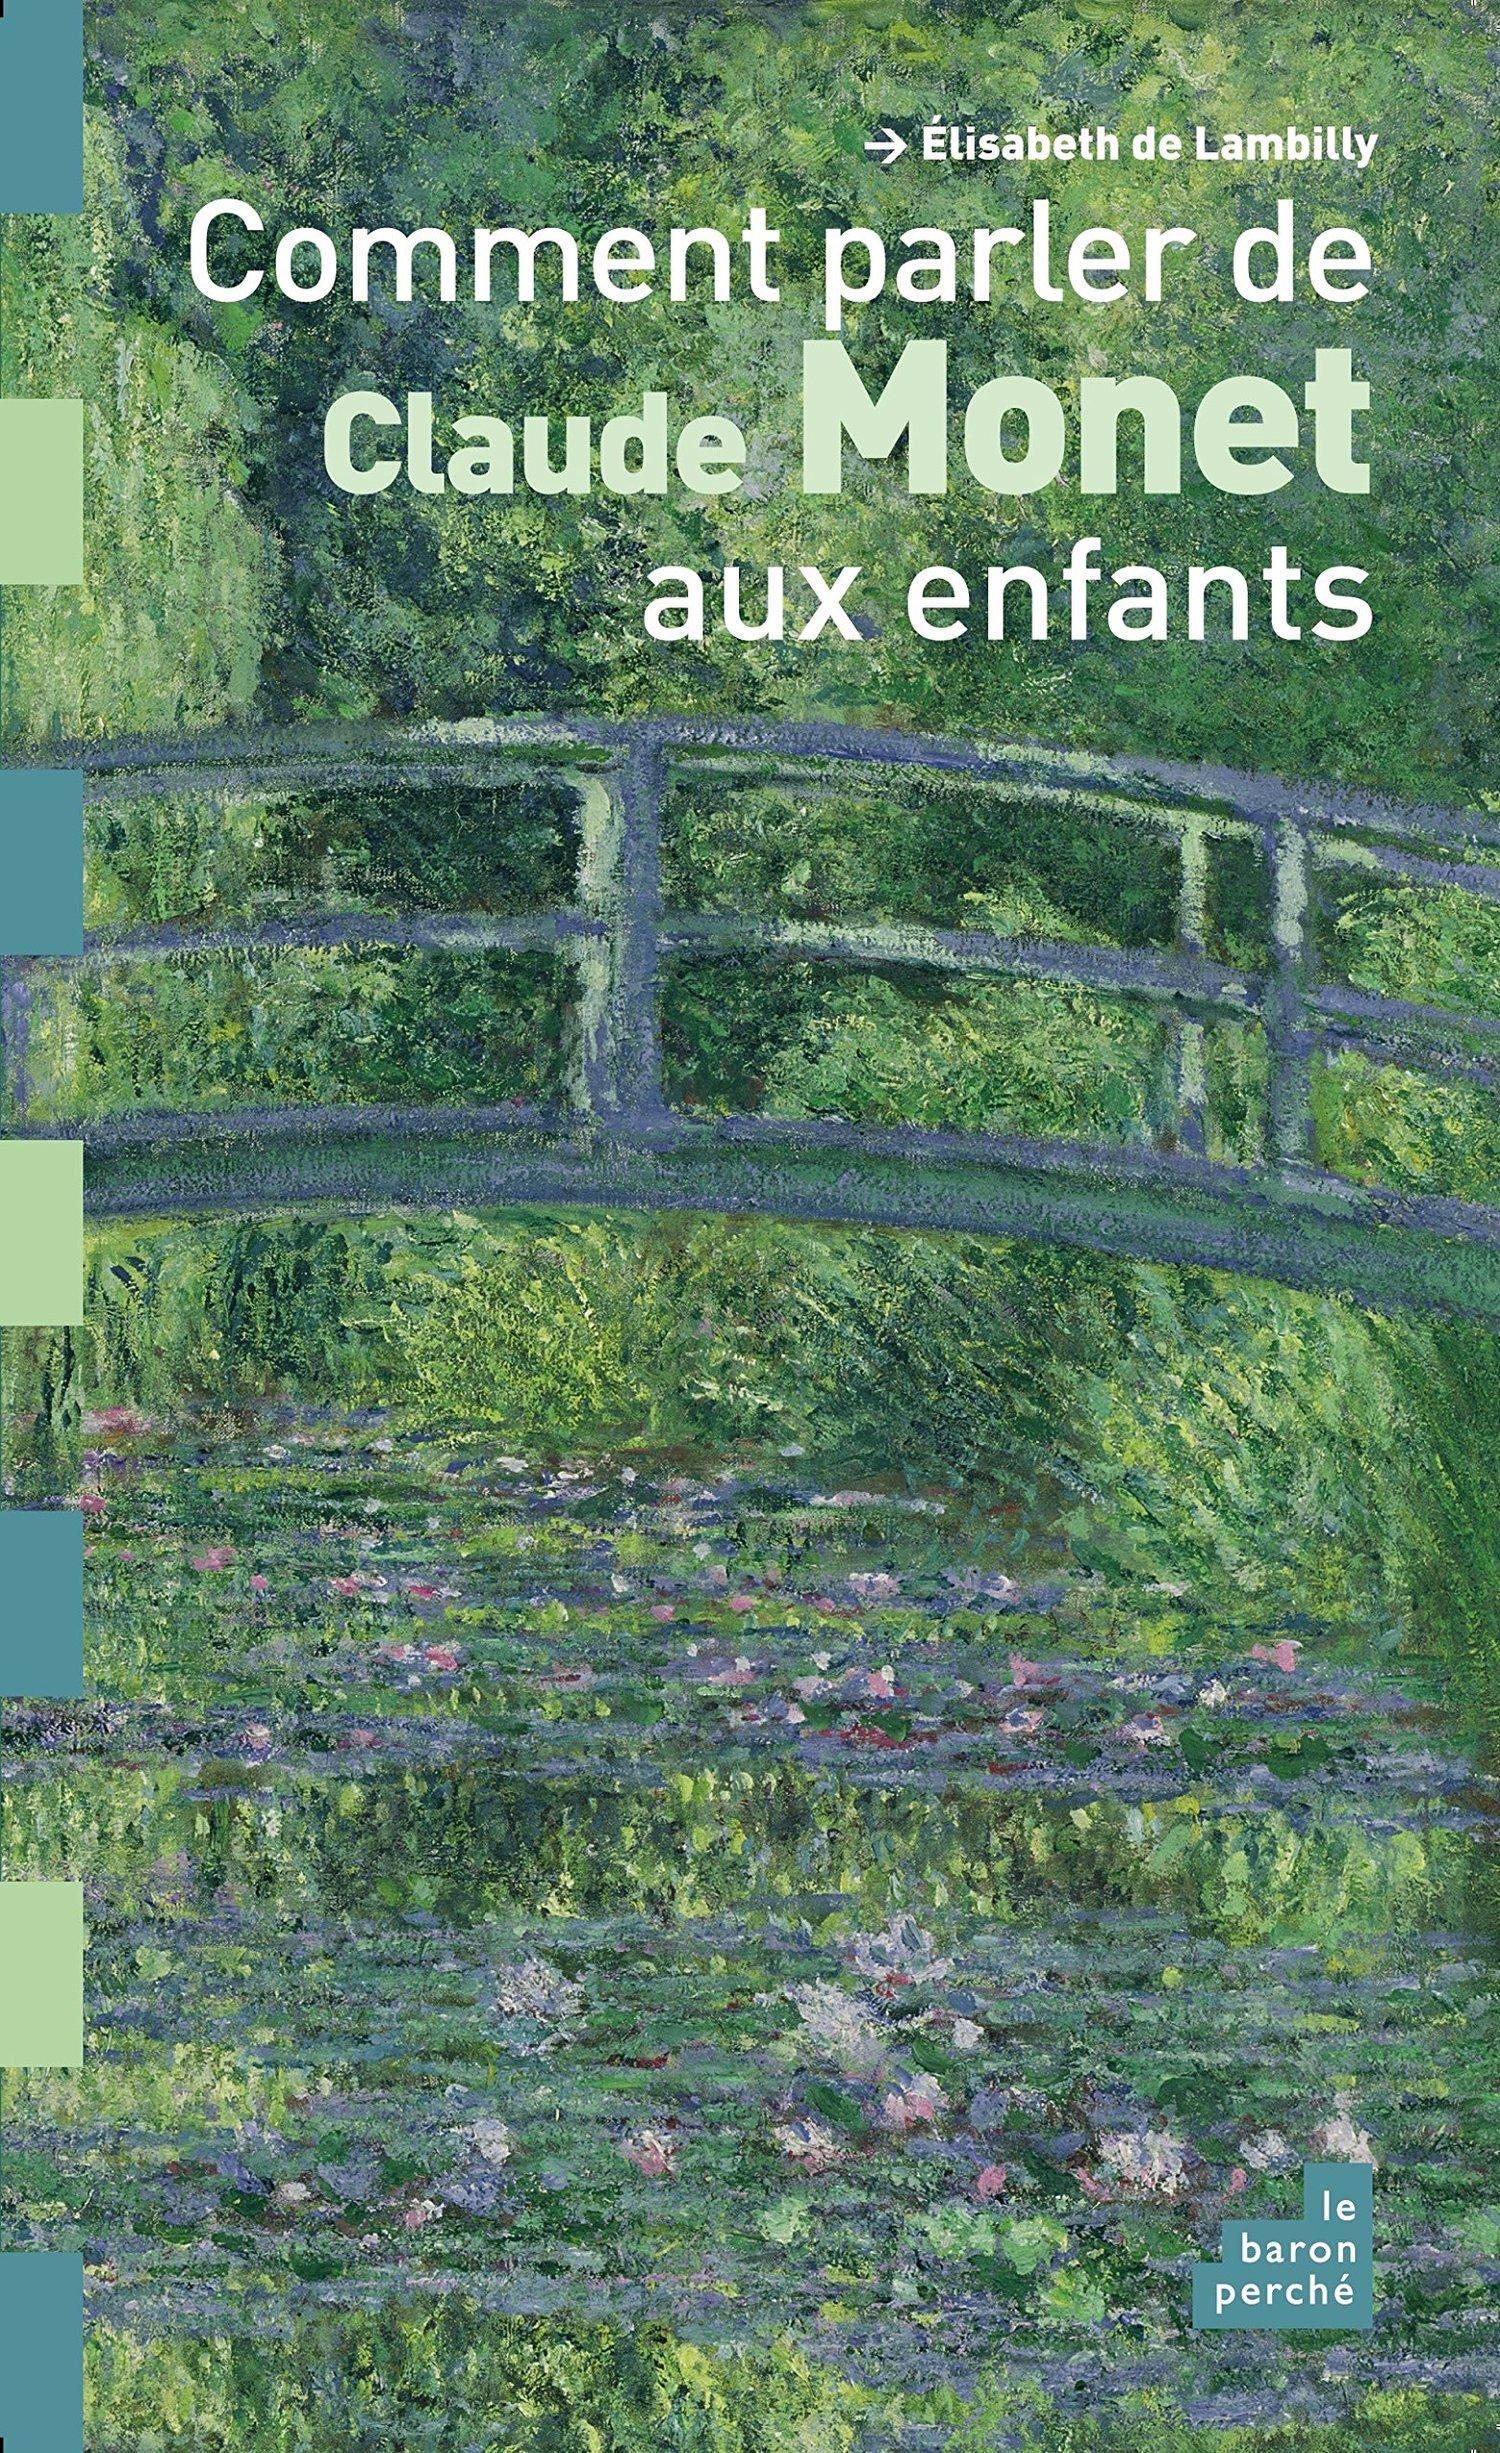 Image of  Comment parler de Claude Monet aux enfants de Elisabeth de Lambilly